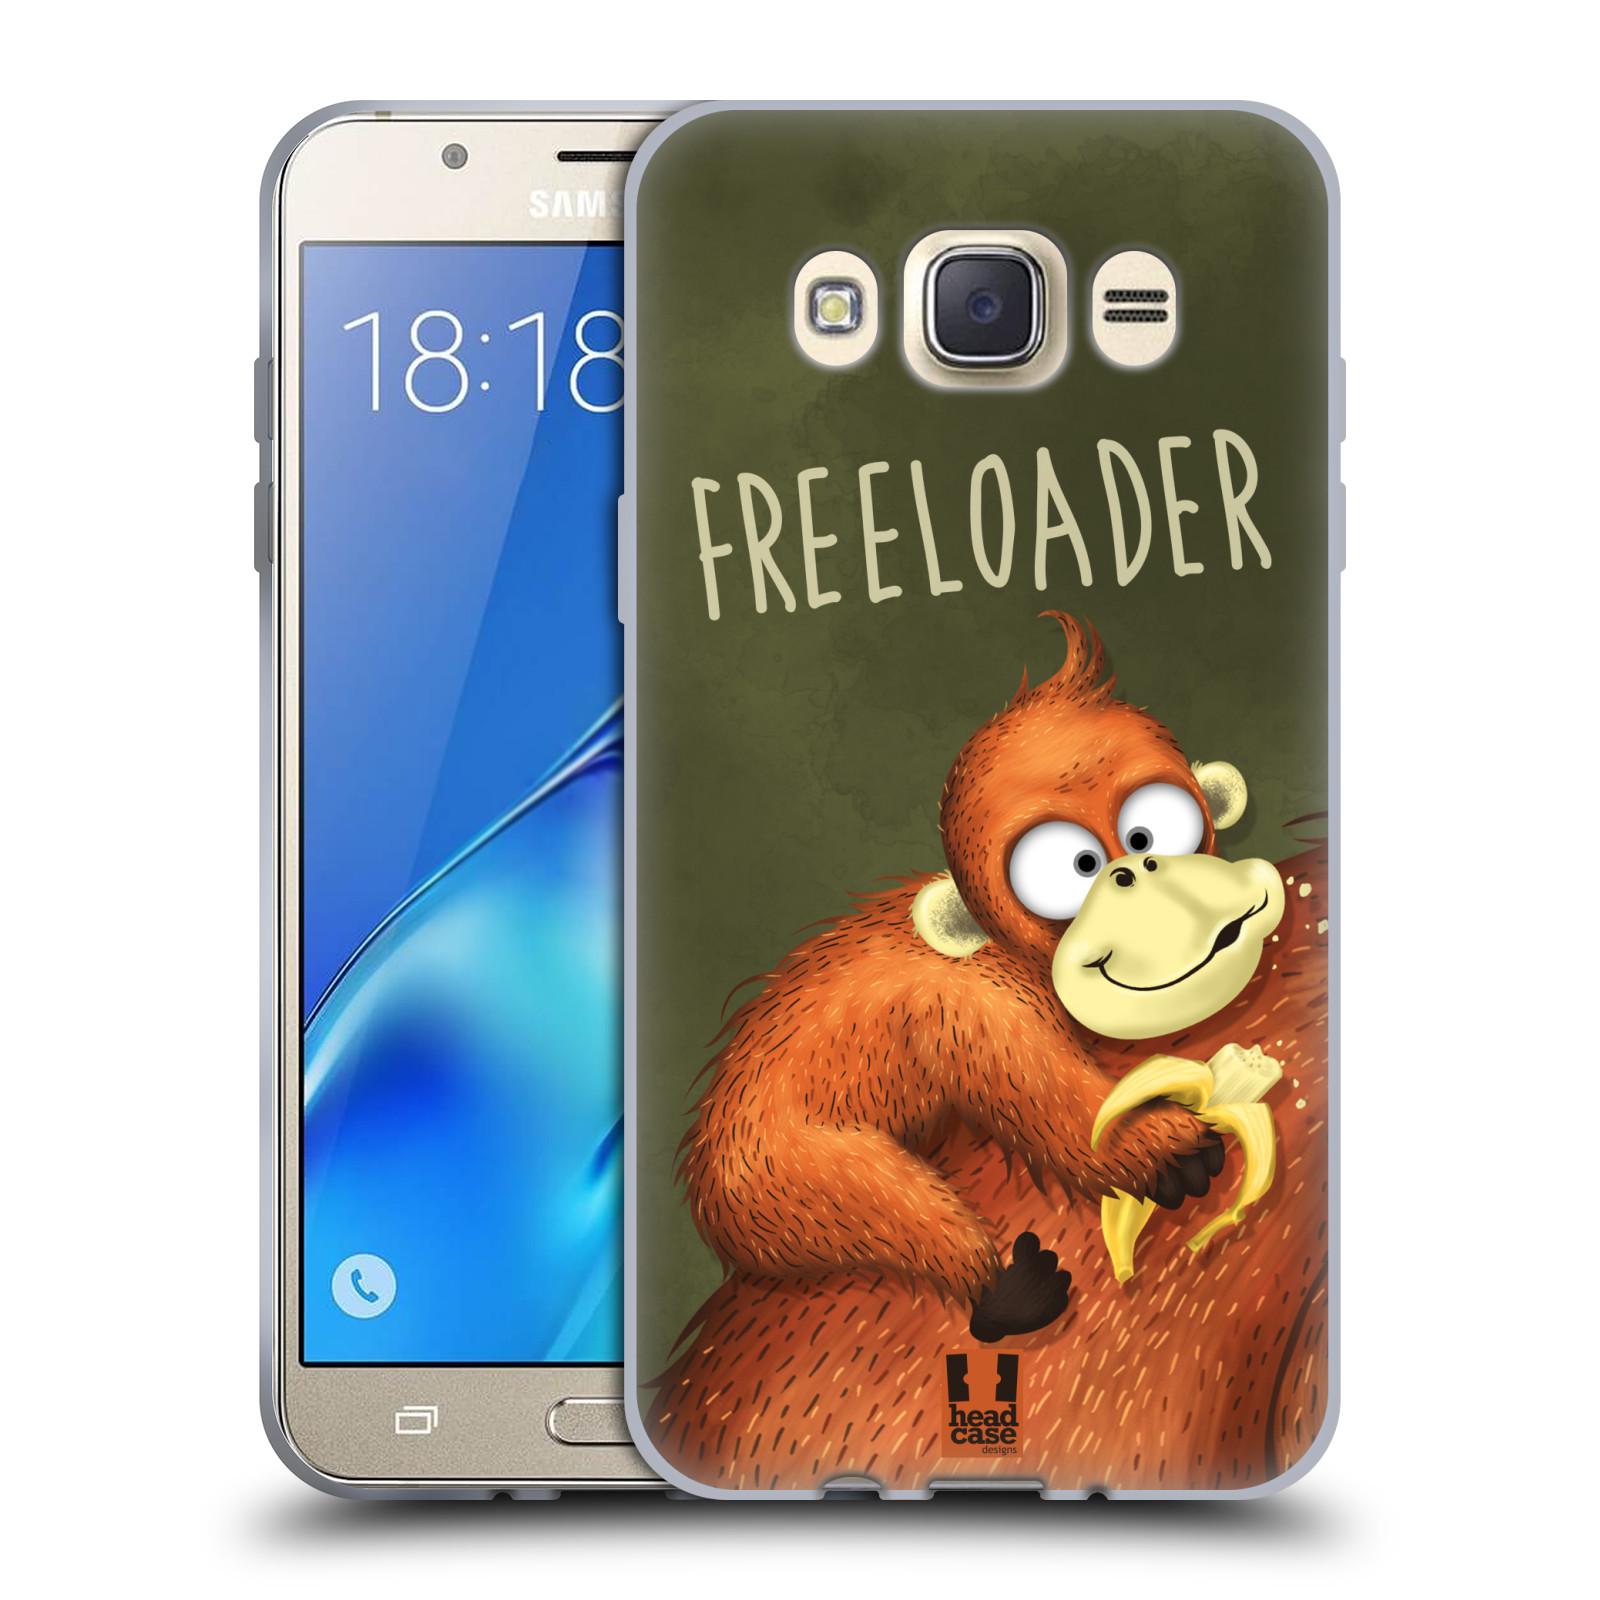 Silikonové pouzdro na mobil Samsung Galaxy J7 (2016) HEAD CASE Opičák Freeloader